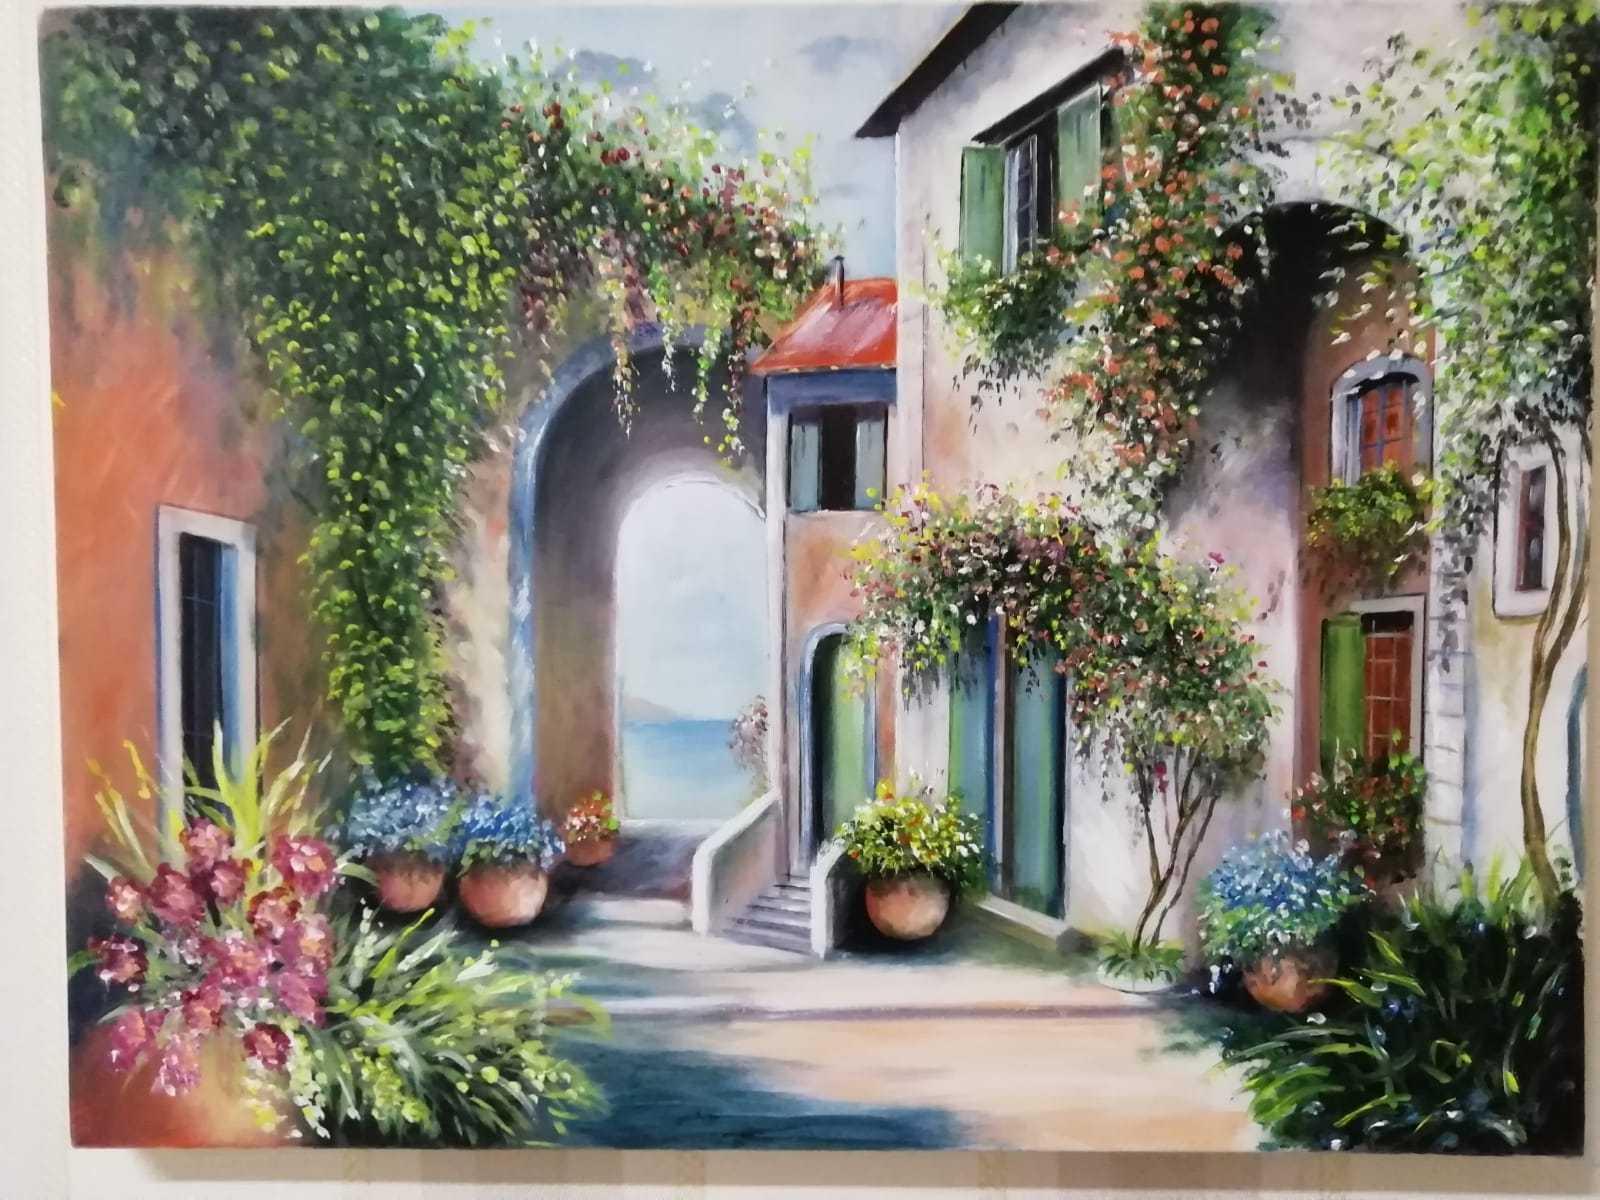 Vendita quadri: Casale sul mare (80 euro) - Opere d'arte in vendita su MediaJob.eu - Vendita quadri online